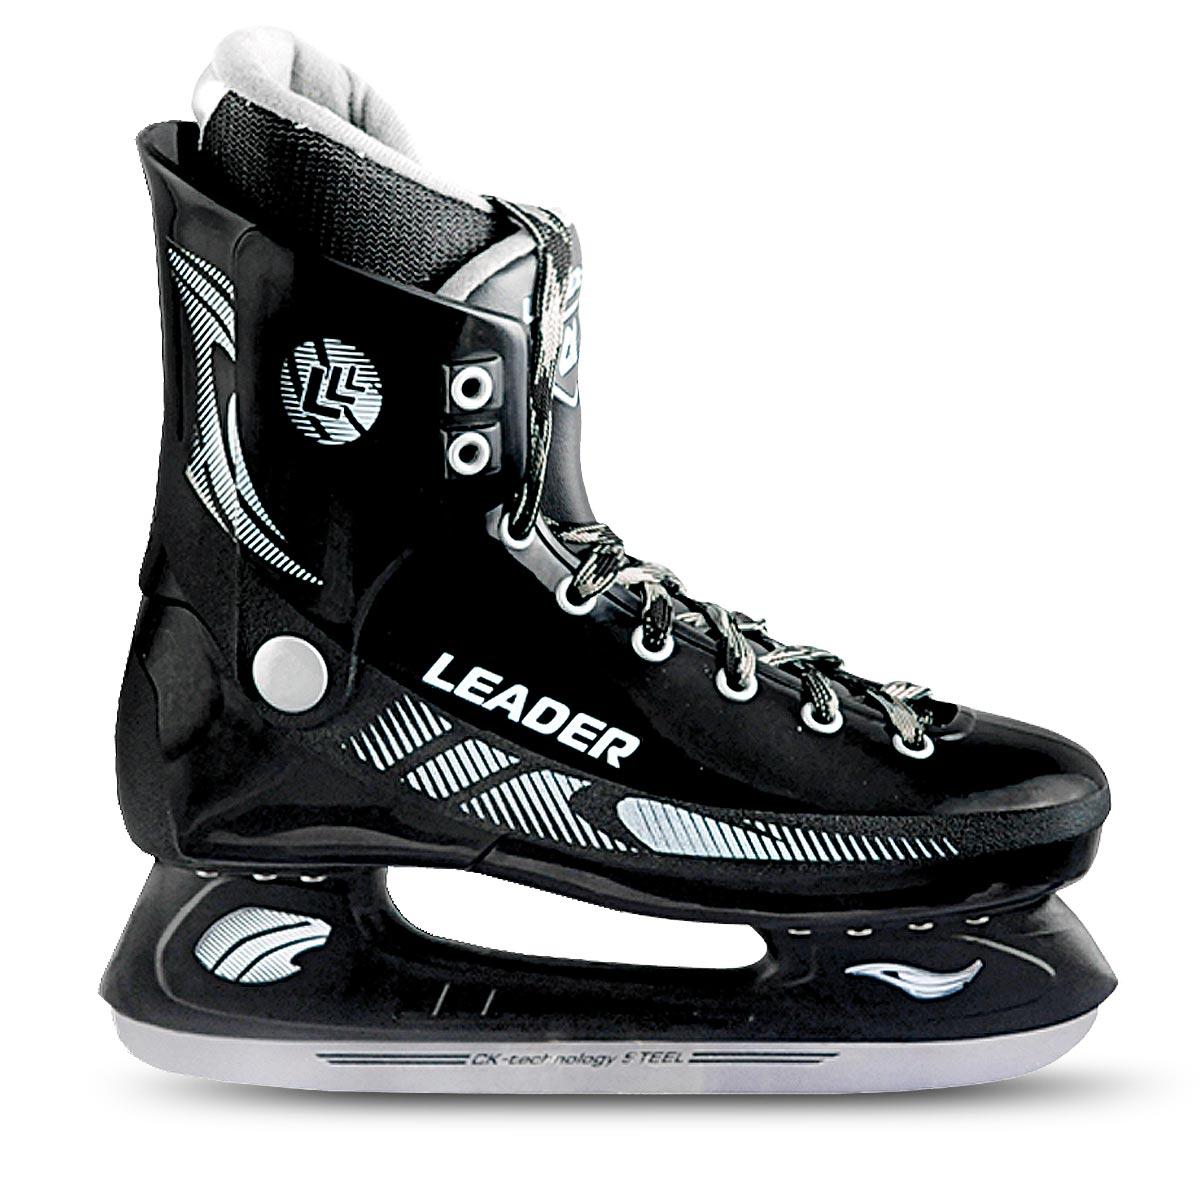 Коньки хоккейные мужские CK Leader, цвет: черный. Размер 37LEADER_черный_37Стильные коньки от CK Master Leader с ударопрочной защитной конструкцией отлично подойдут для начинающих обучаться катанию. Ботинки изготовлены из морозостойкого полимера, который защитит ноги от ударов. Верх изделия оформлен классической шнуровкой, надежно фиксирующей голеностоп. Сапожок, выполненный из комбинации капровелюра и искусственной кожи, оформлен принтом и тиснением в виде логотипа бренда. Внутренняя поверхность, дополненная утеплителем, и стелька исполнены из текстиля. Фигурное лезвие изготовлено из нержавеющей углеродистой стали со специальным покрытием, придающим дополнительную прочность. Усиленная двух-стаканная рама декорирована с одной из боковых сторон оригинальным принтом. Стильные коньки придутся вам по душе.